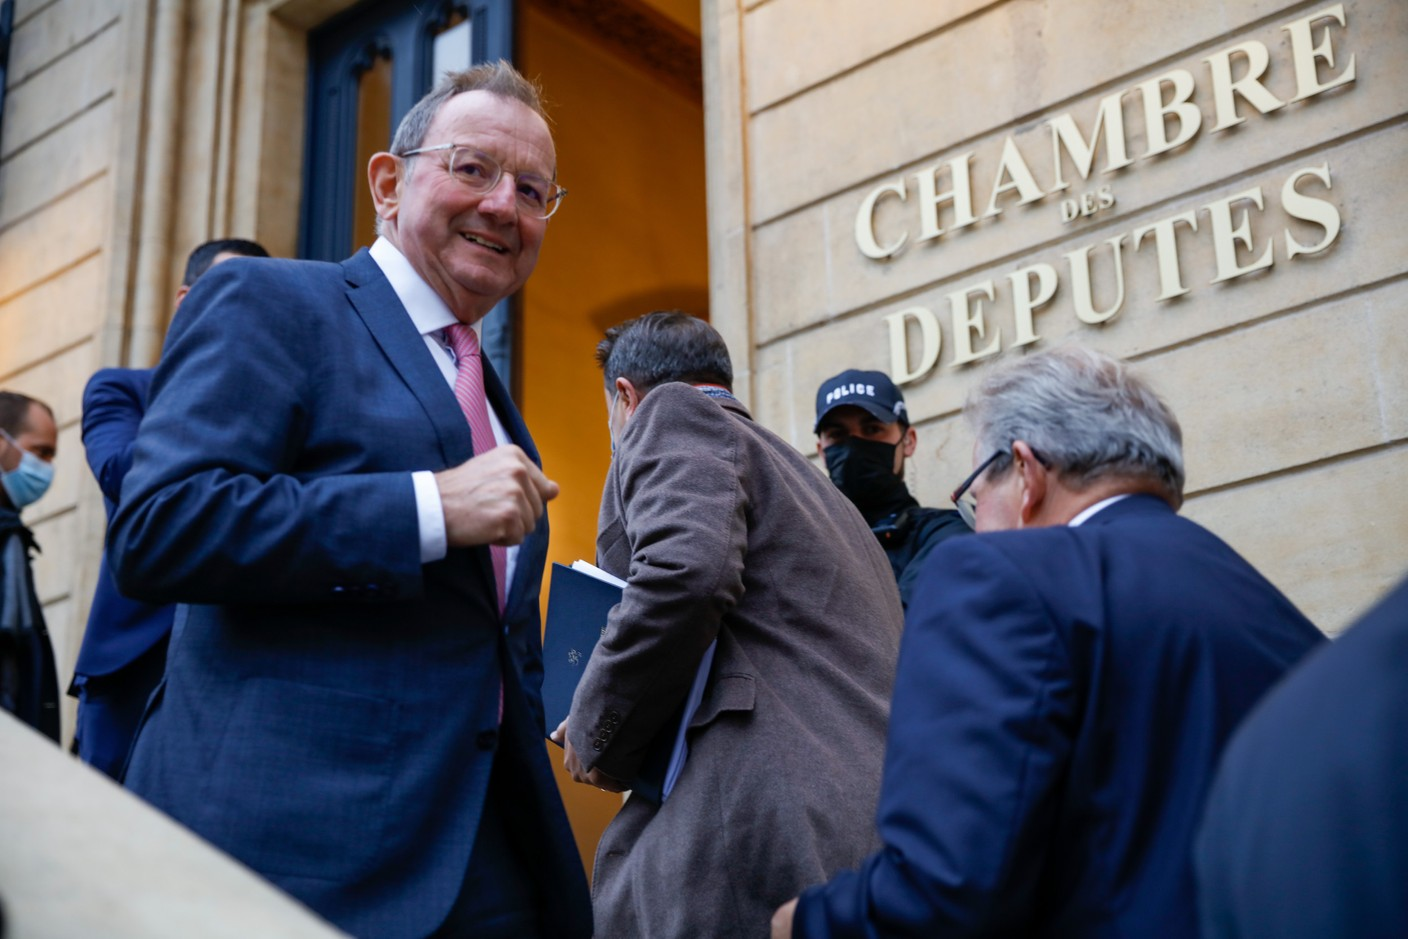 Fernand Etgen, president of the chamber of deputies (Photo: Romain Gamba/Maison Moderne)